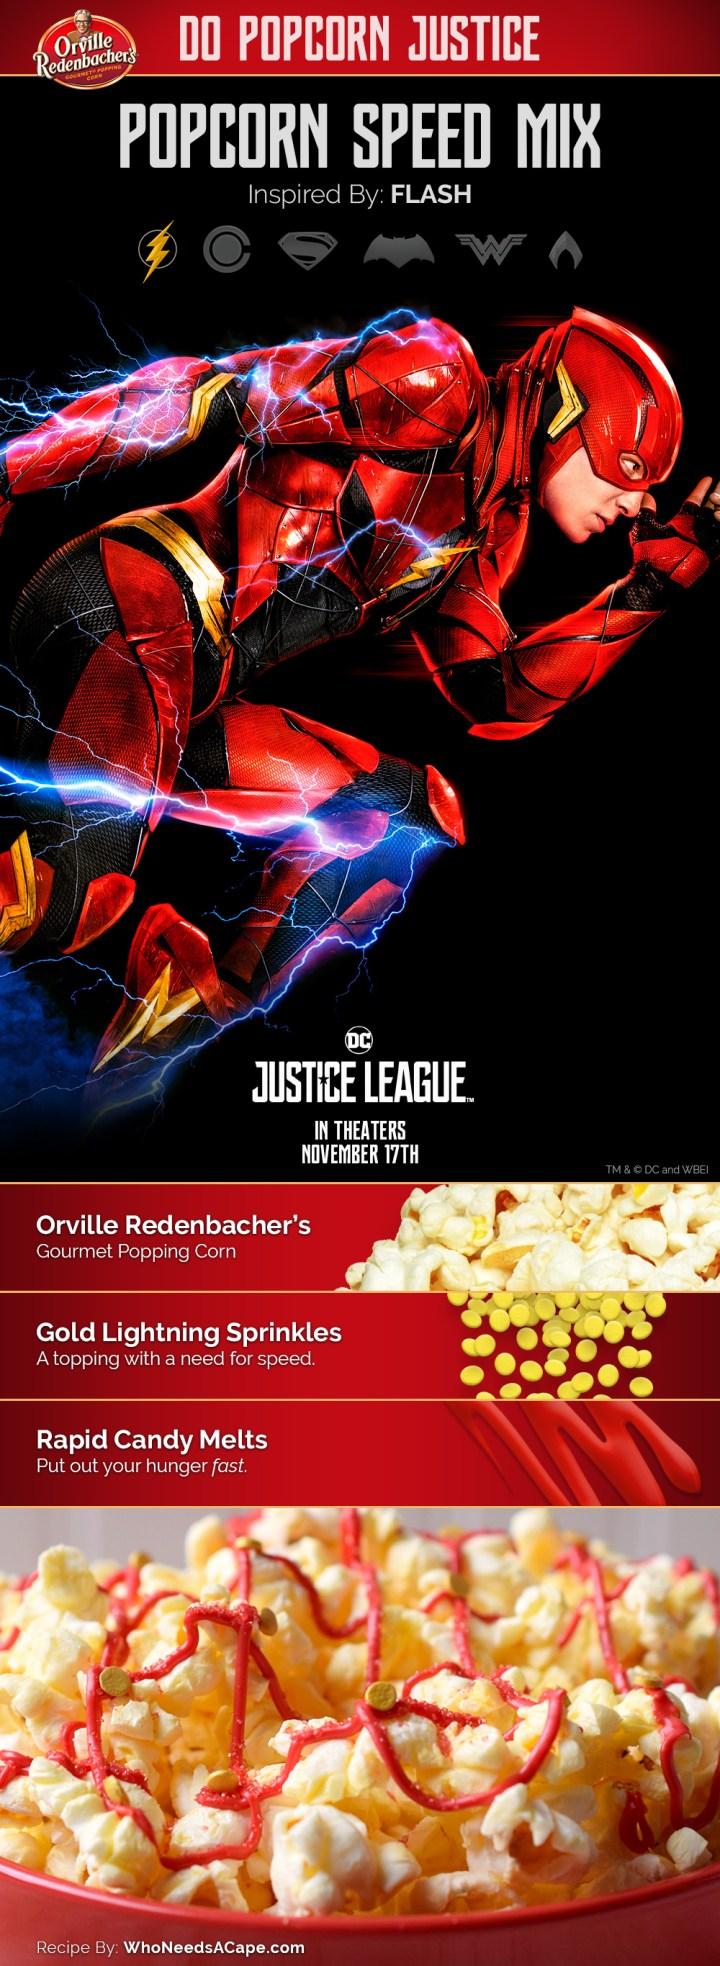 orville_recipe_Flash_